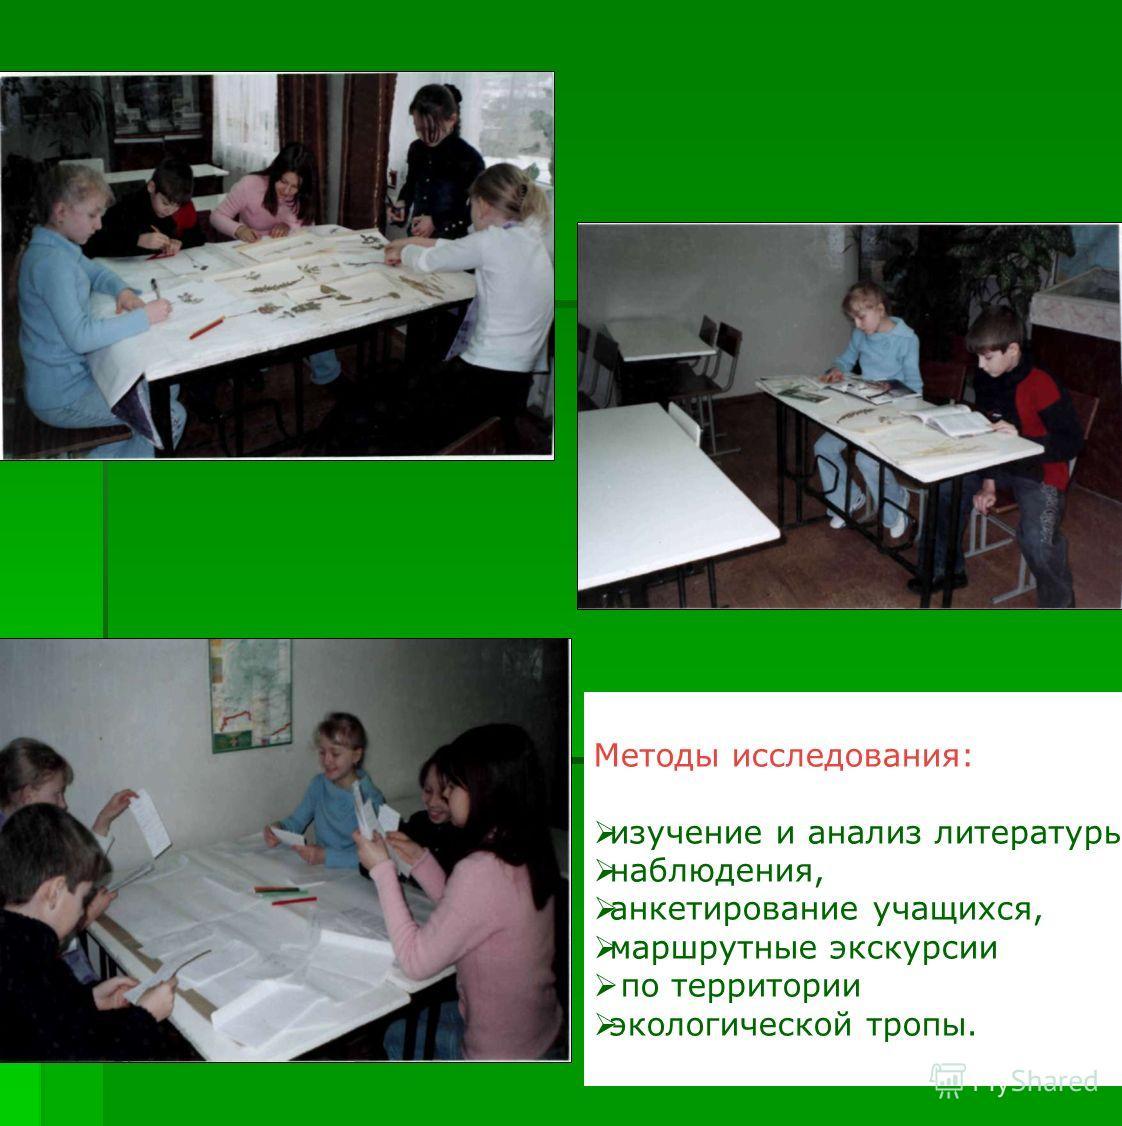 Методы исследования: изучение и анализ литературы, наблюдения, анкетирование учащихся, маршрутные экскурсии по территории экологической тропы.